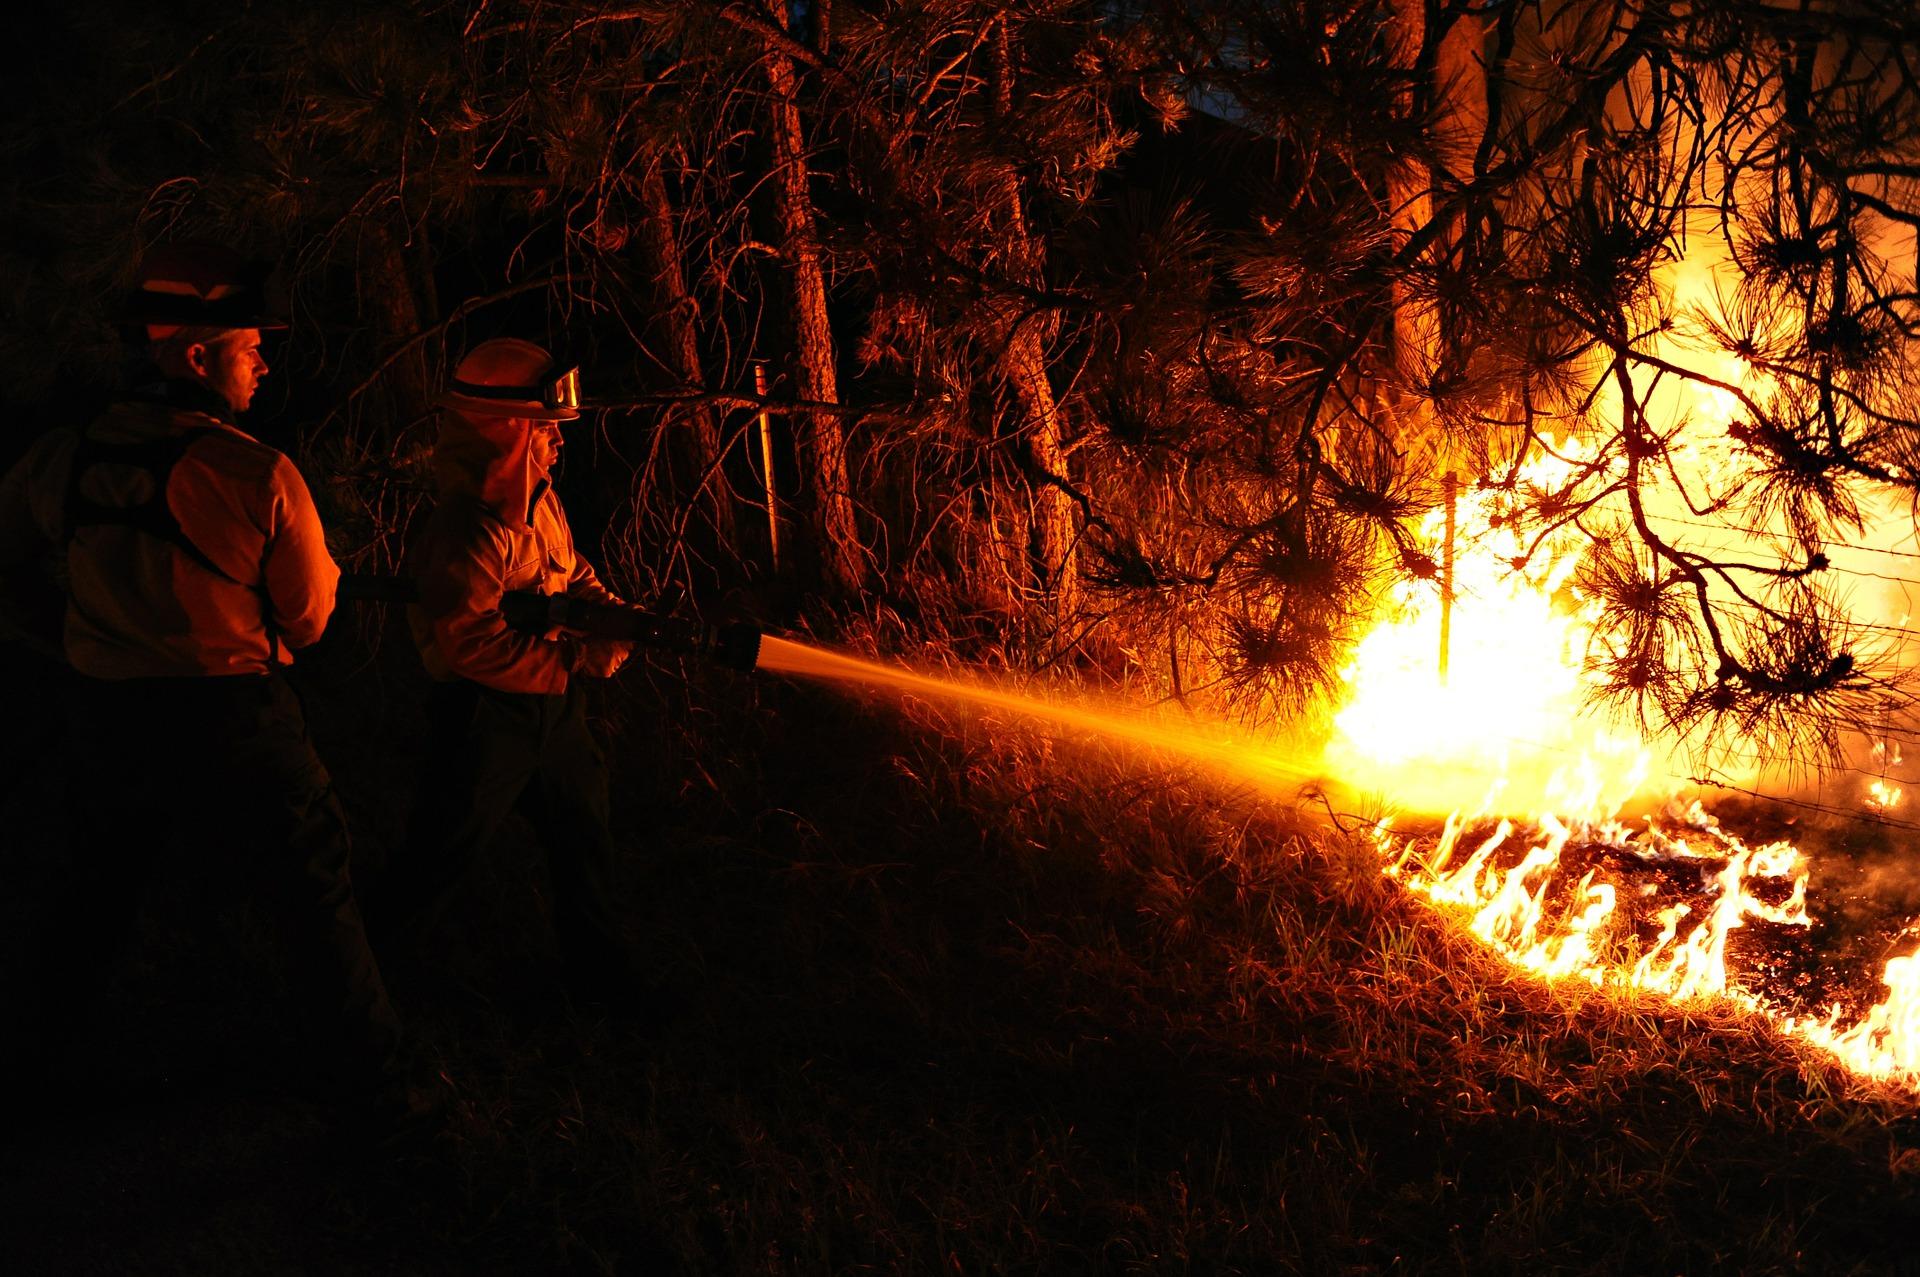 Piromane della Valsessera, Legambiente invoca l'applicazione della nuova legge sugli ecoreati